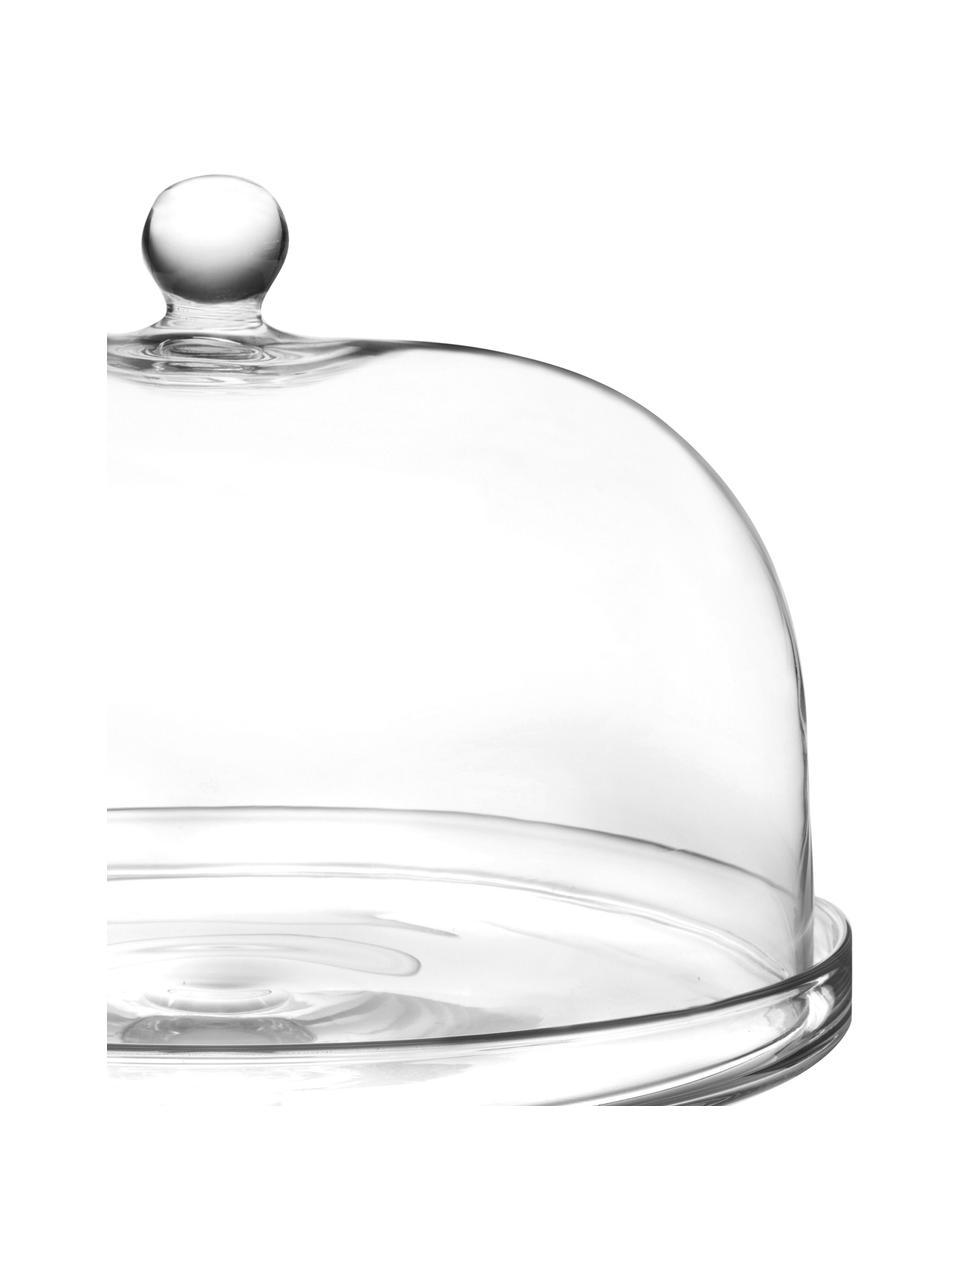 Kryształowa patera Lia, Szkło kryształowe, Transparentny, Ø 30 x 26 cm